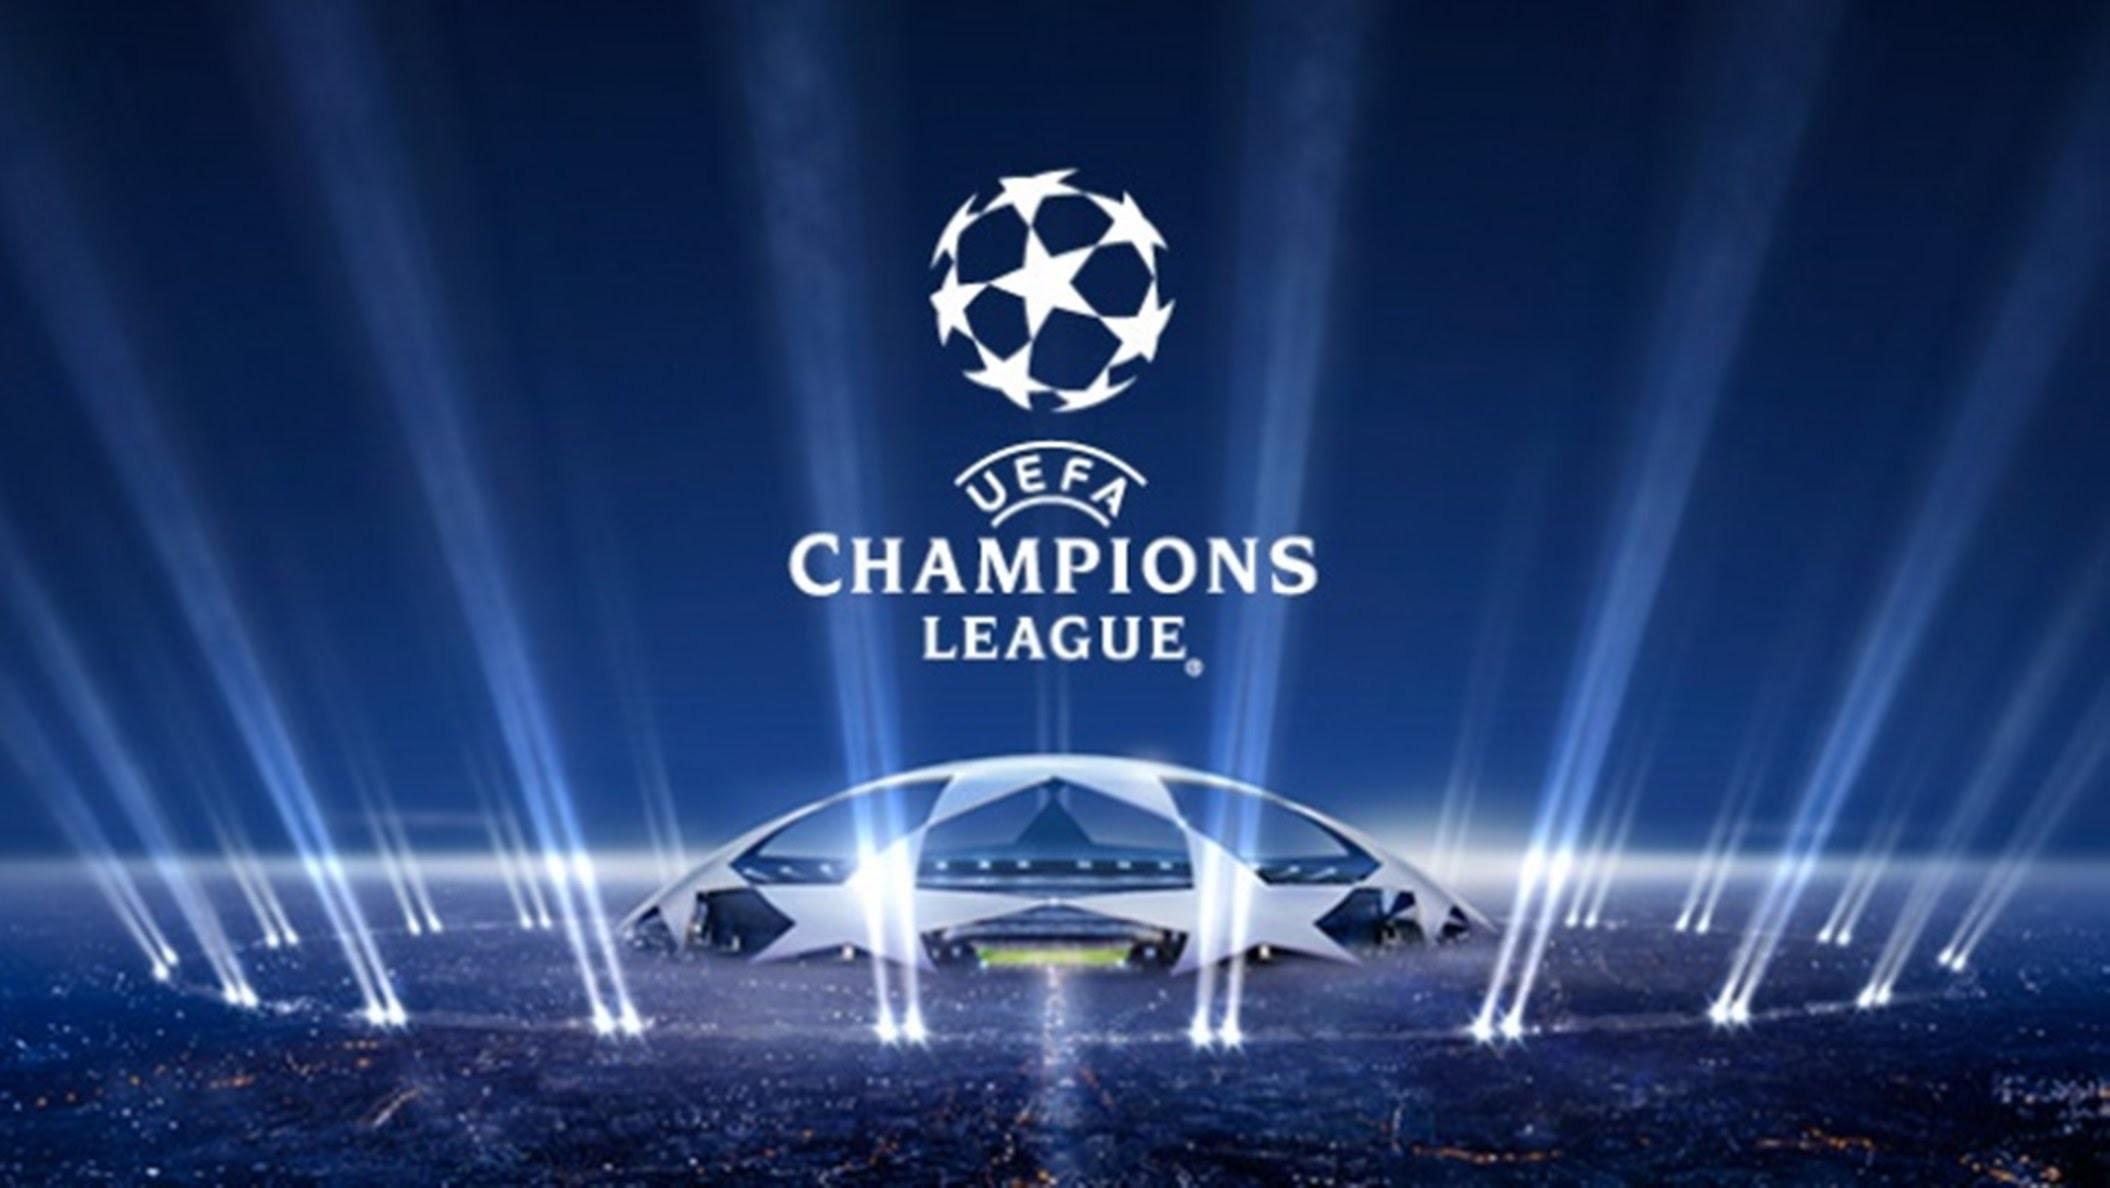 Нью-Йорк может принять финал Лиги чемпионов в 2020г.